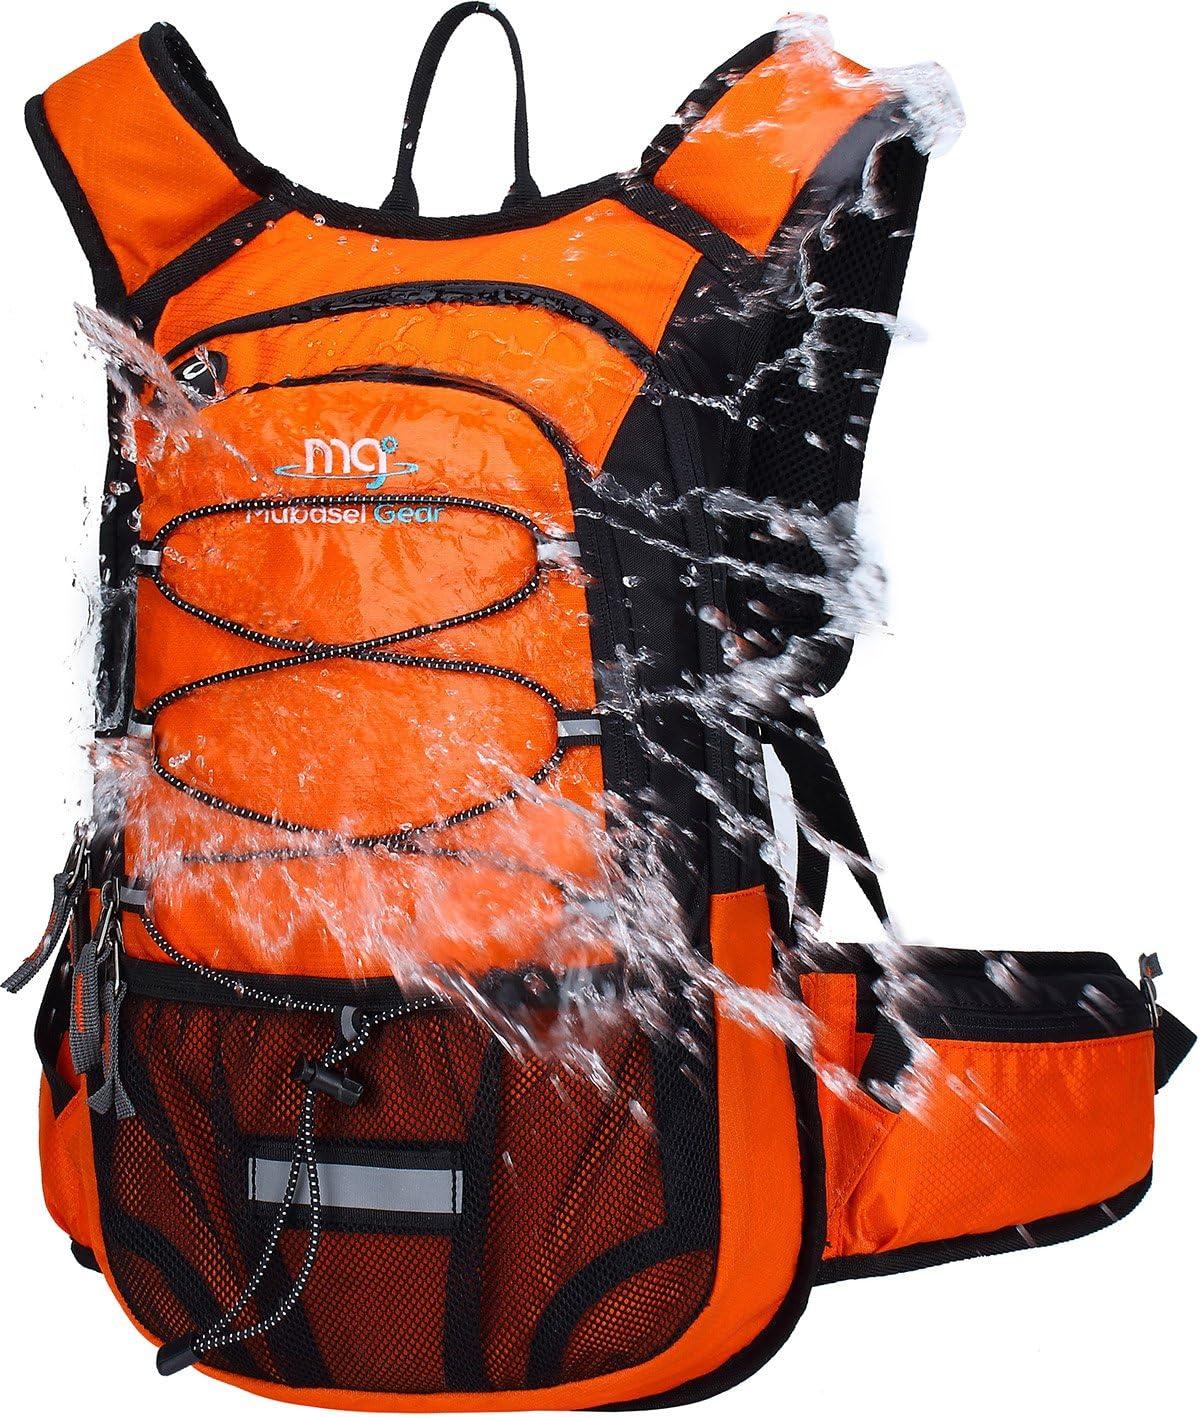 Mubasel Gear Sac à Dos d'hydratation Isotherme avec Poche sans BPA 2 L - Garde Le Liquide Frais jusqu'à 4 Heures - pour la Course à Pied, la randonnée, Le Cyclisme, Le Camping